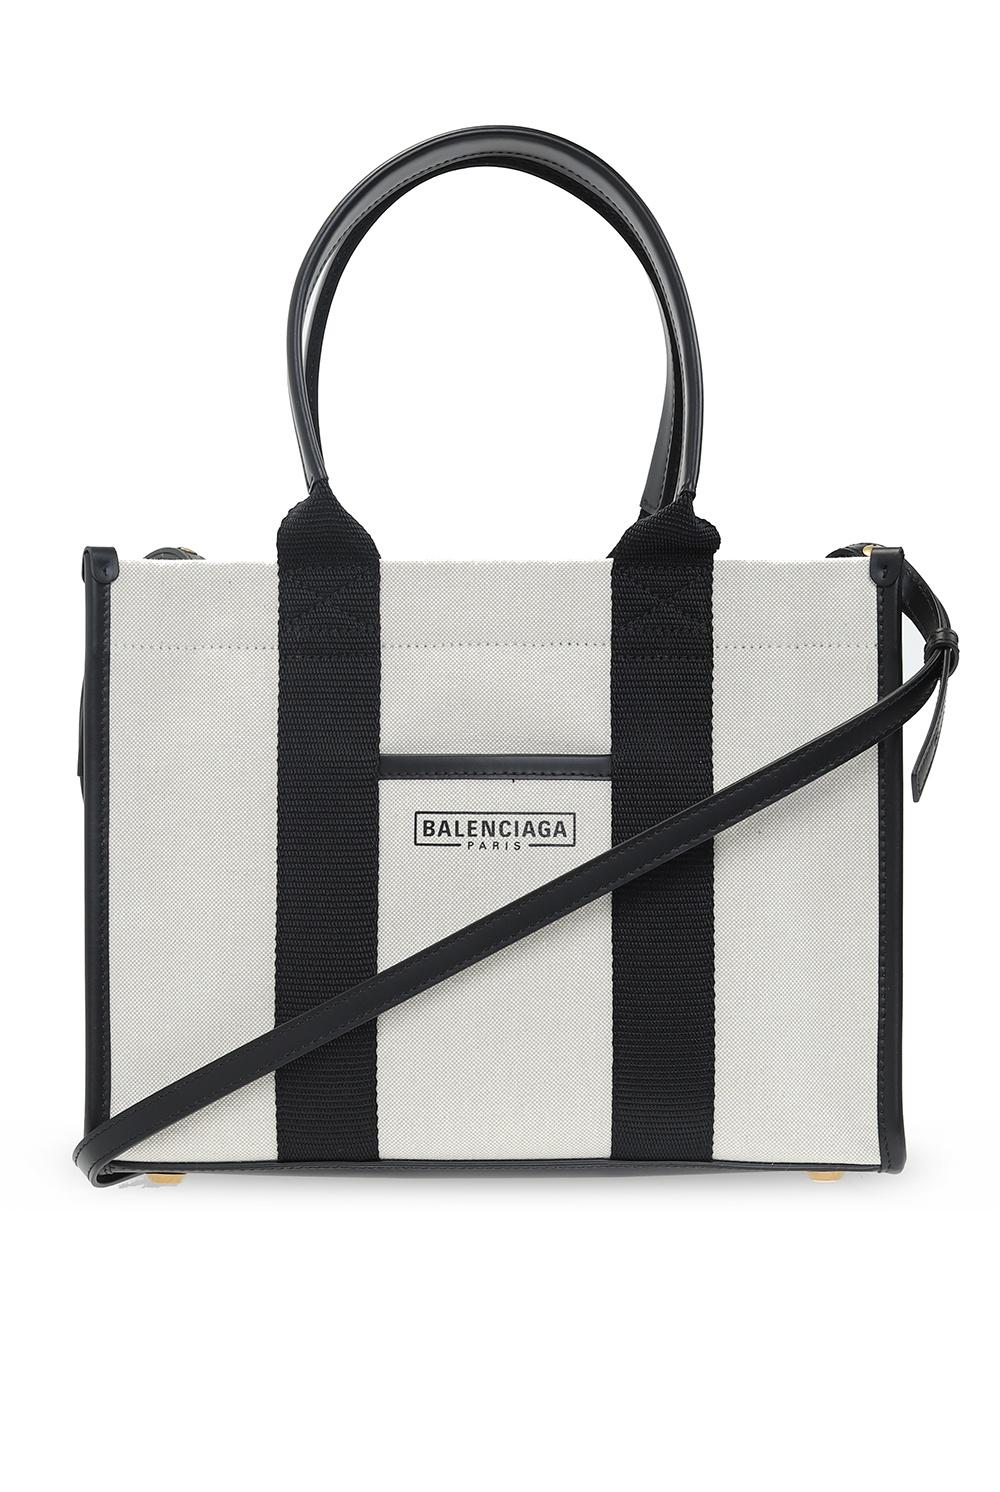 Balenciaga 'Hardware' shoulder bag